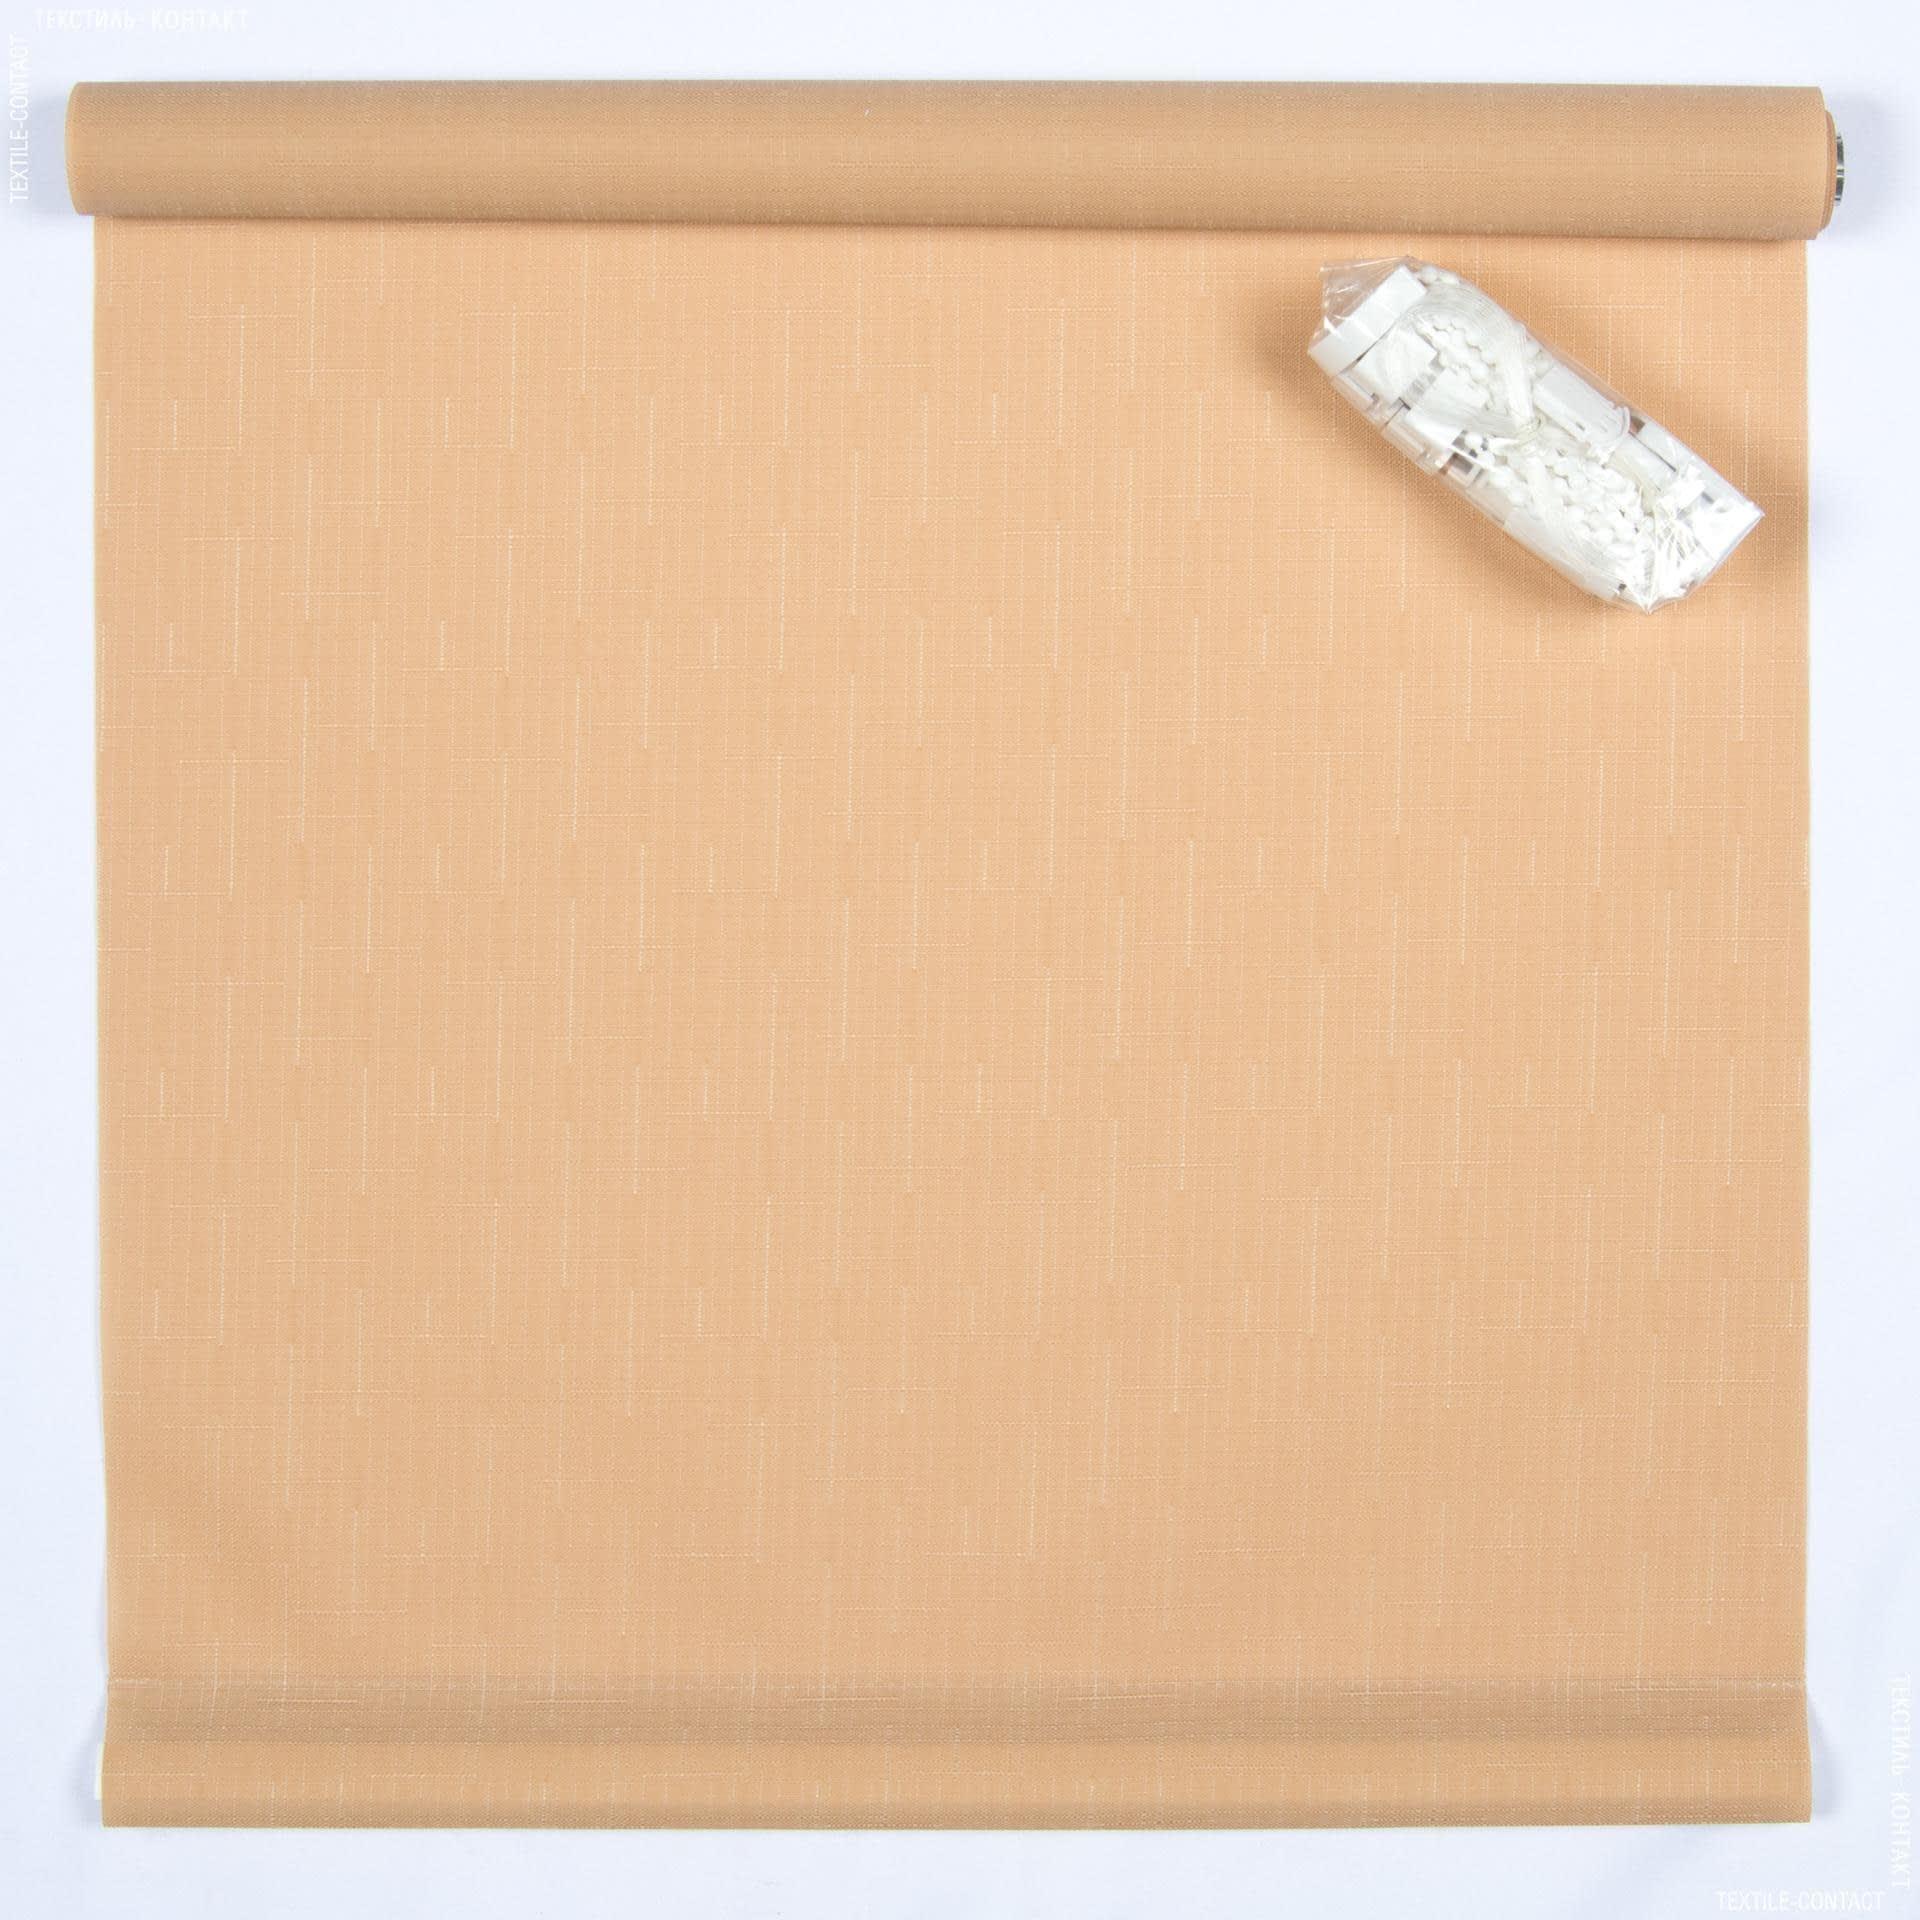 Тканини ролети - Роллет міні фактурний темно-бежевий 57х150